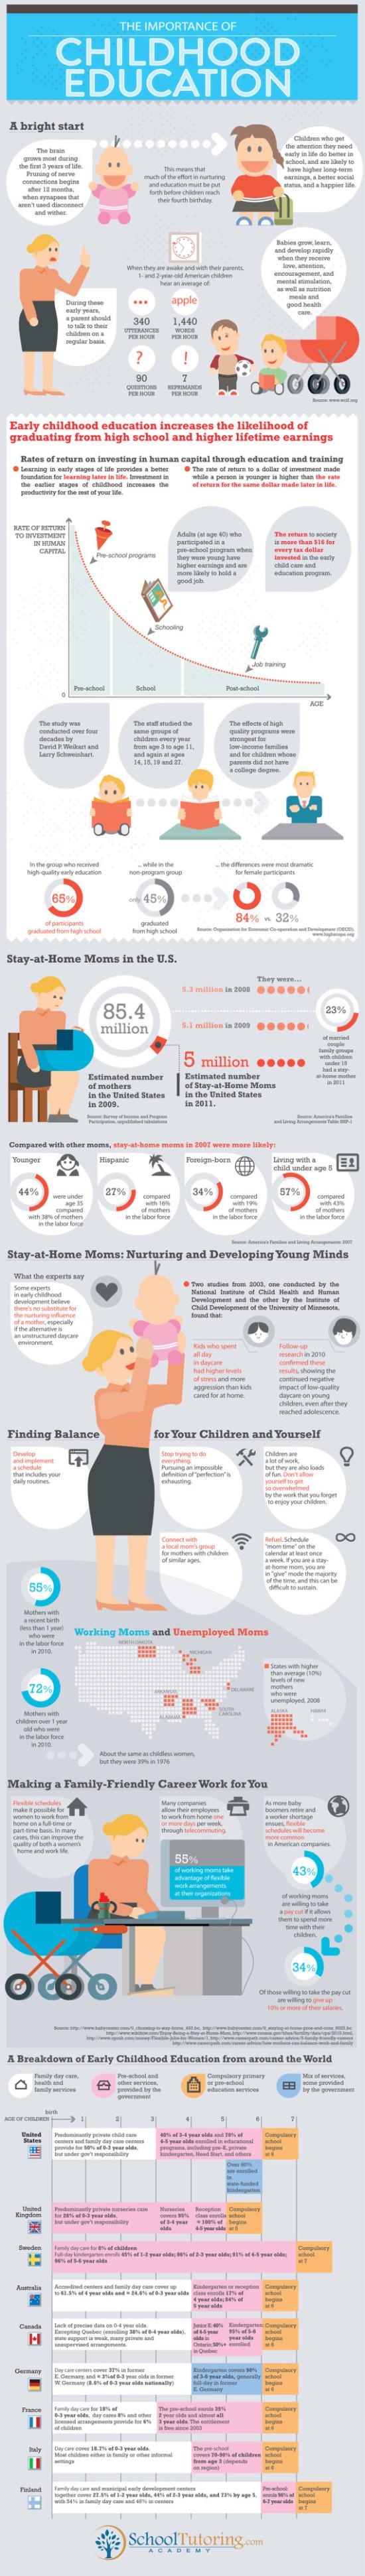 Vzdělání dětí - infografika